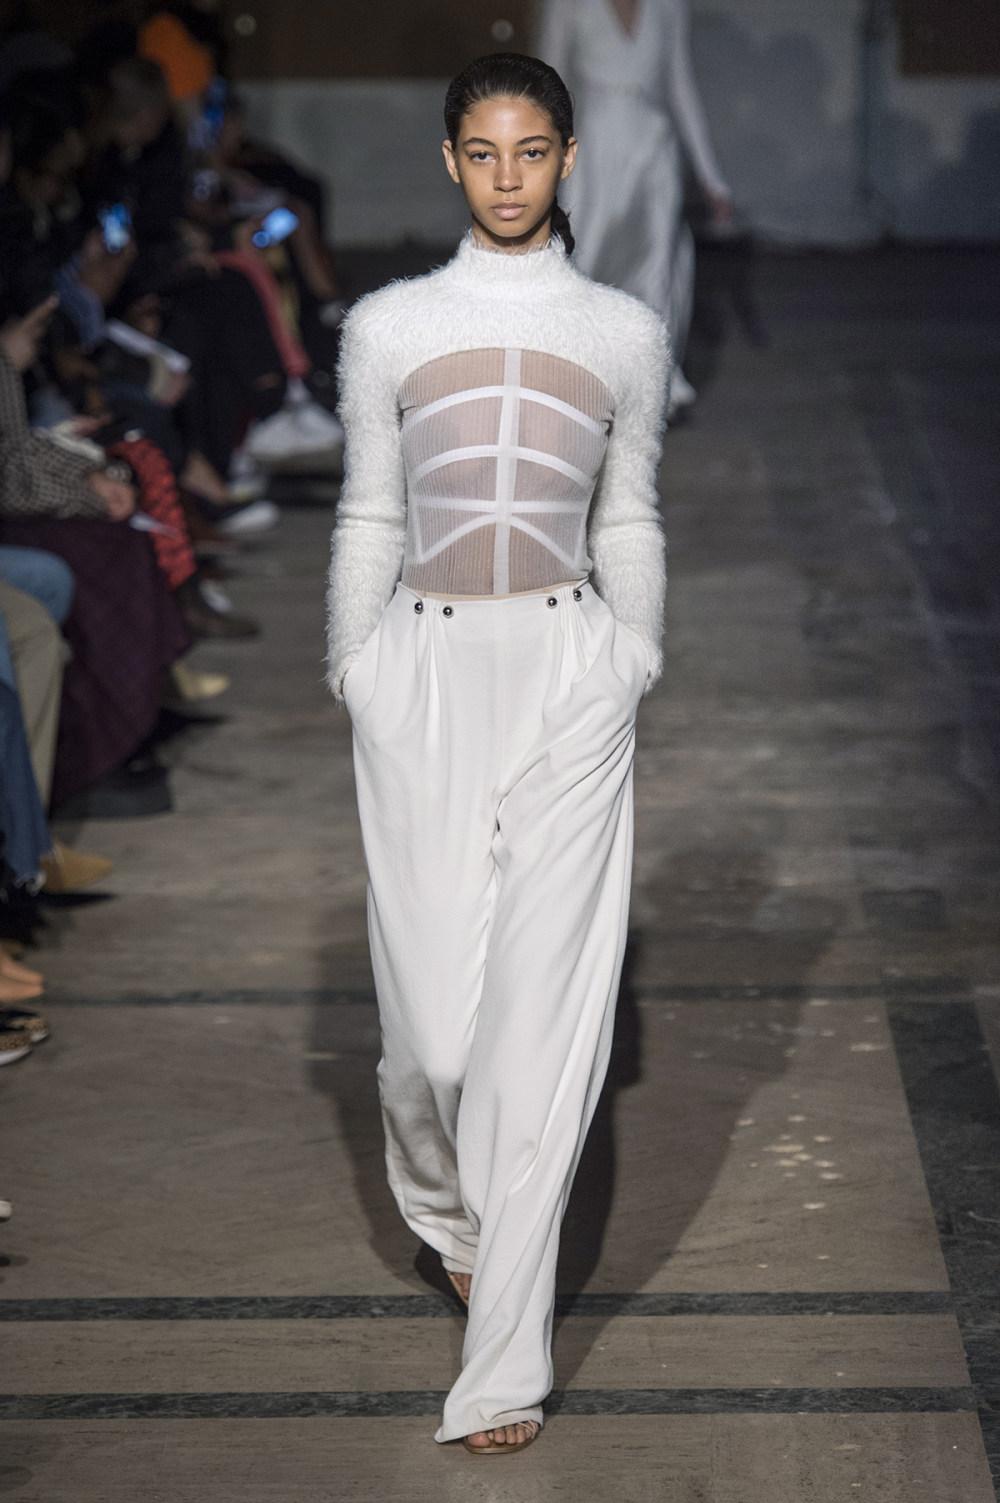 Dion Lee没有紧身衣的连衣裙被聚集或扭曲保持调色板的简约和奢华-9.jpg